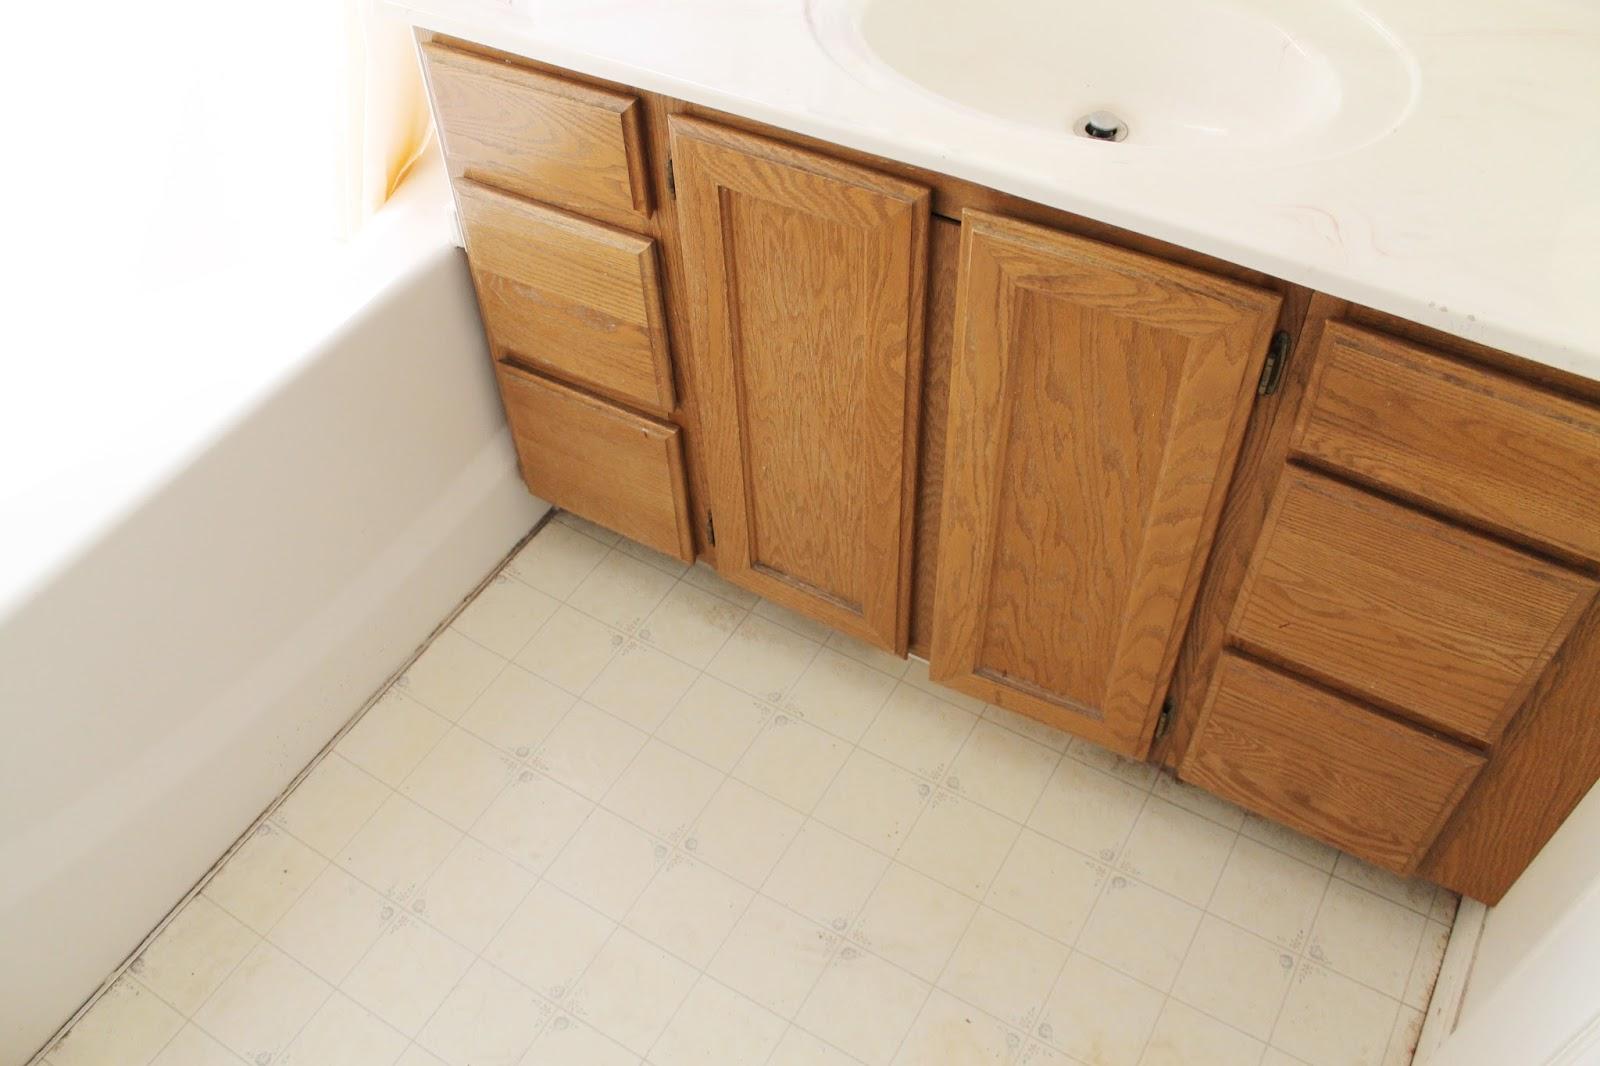 Stick On Wall Tiles: Peel And Stick Bathroom Floors